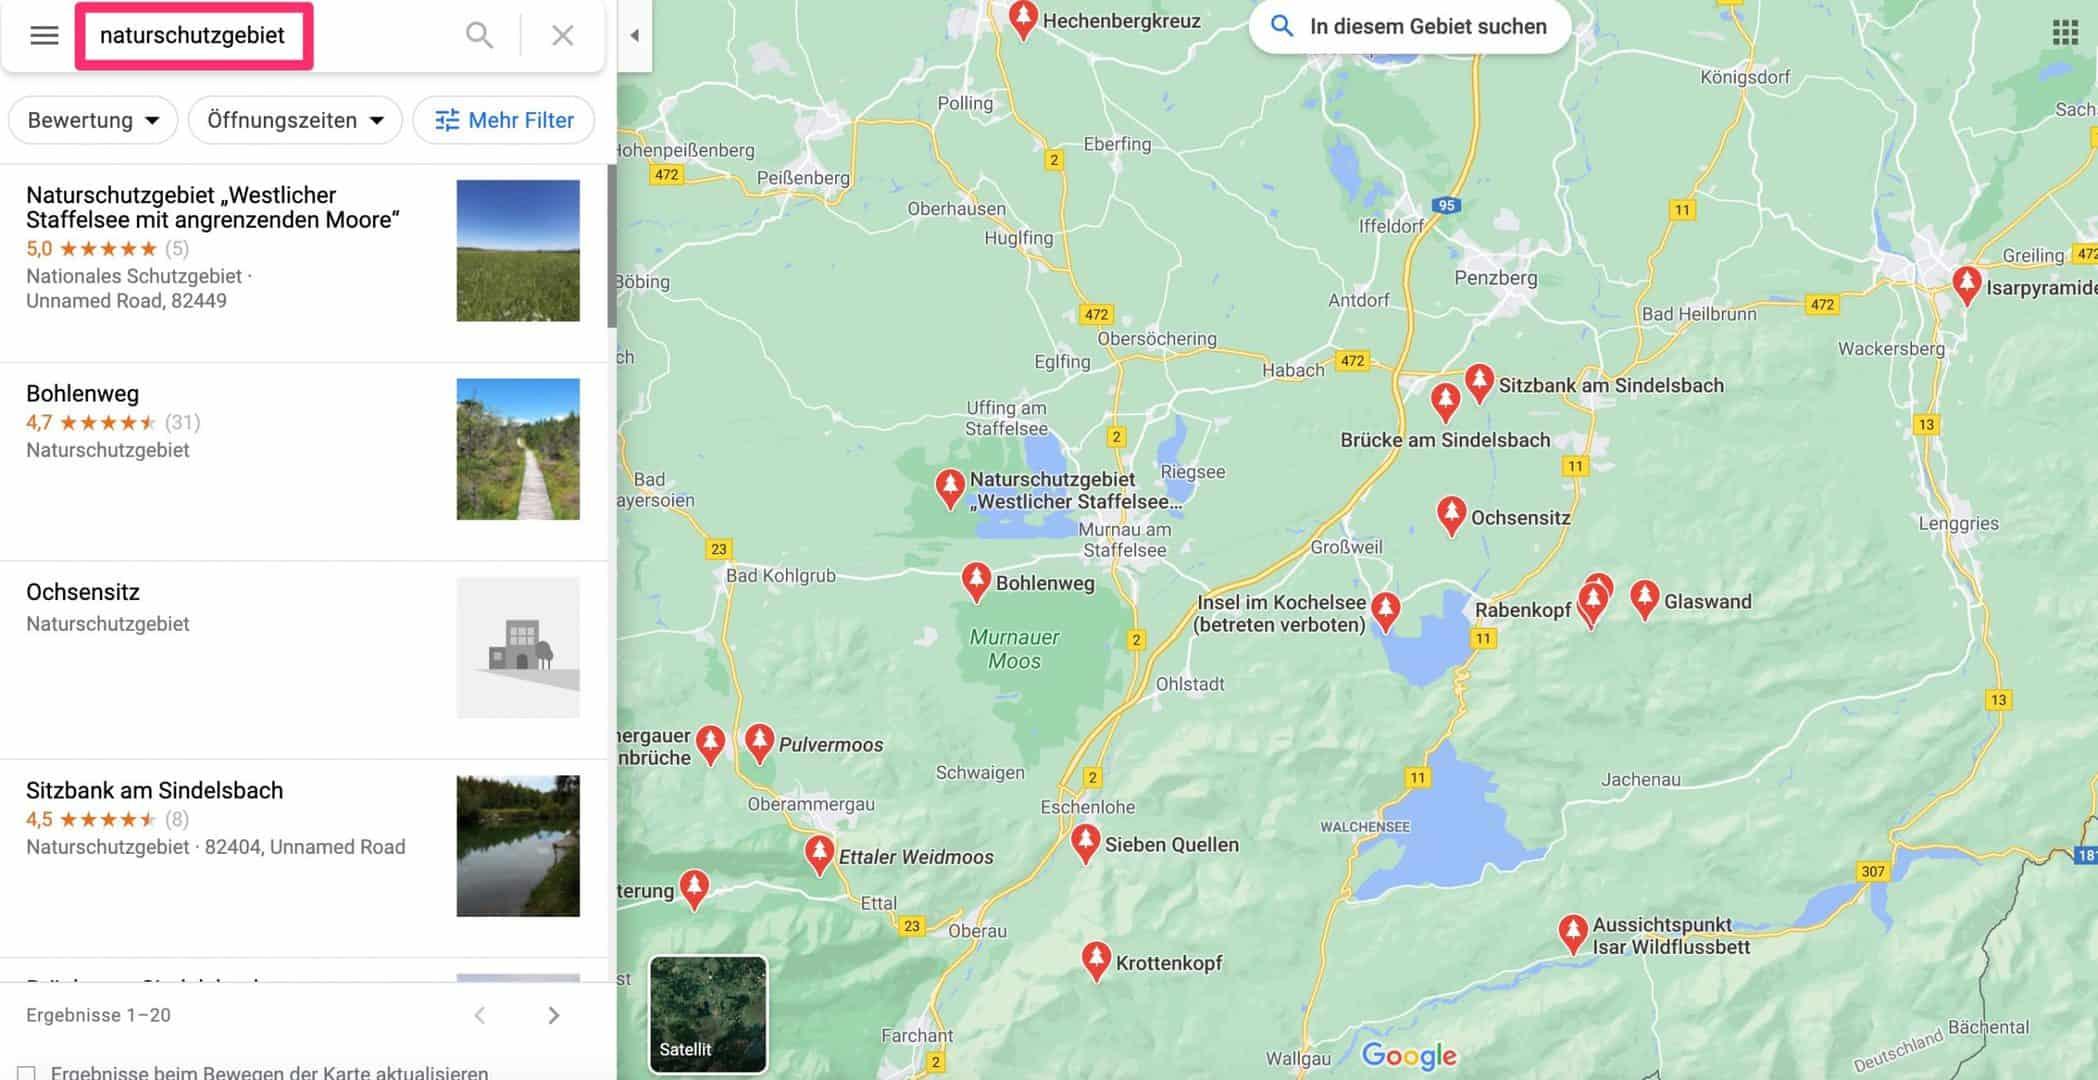 Naturschutzgebiet-suchen-und-finden-Google-Maps